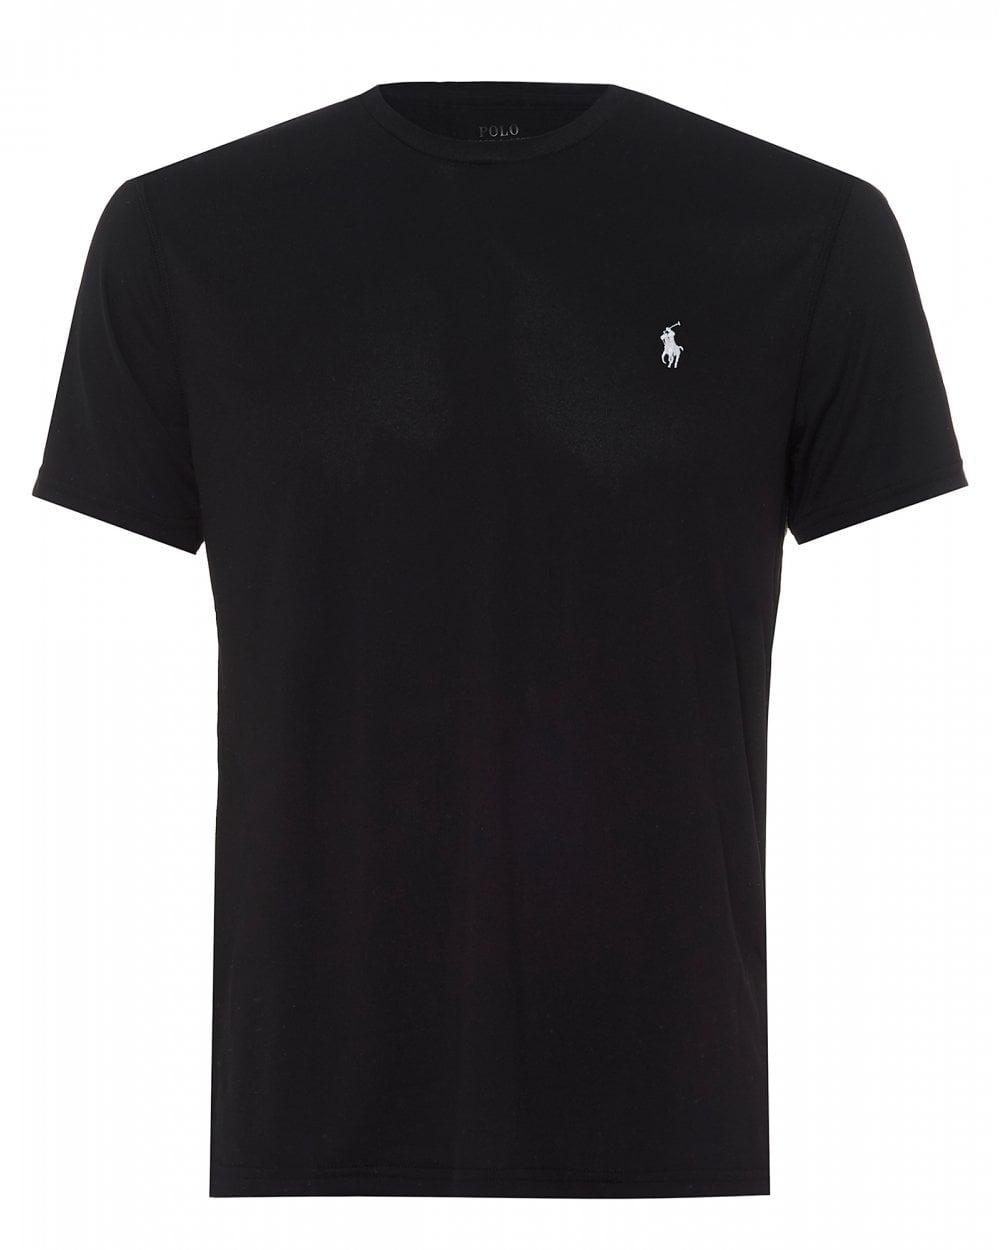 0f03a7e366b6 Ralph Lauren Mens Polo Player T-Shirt